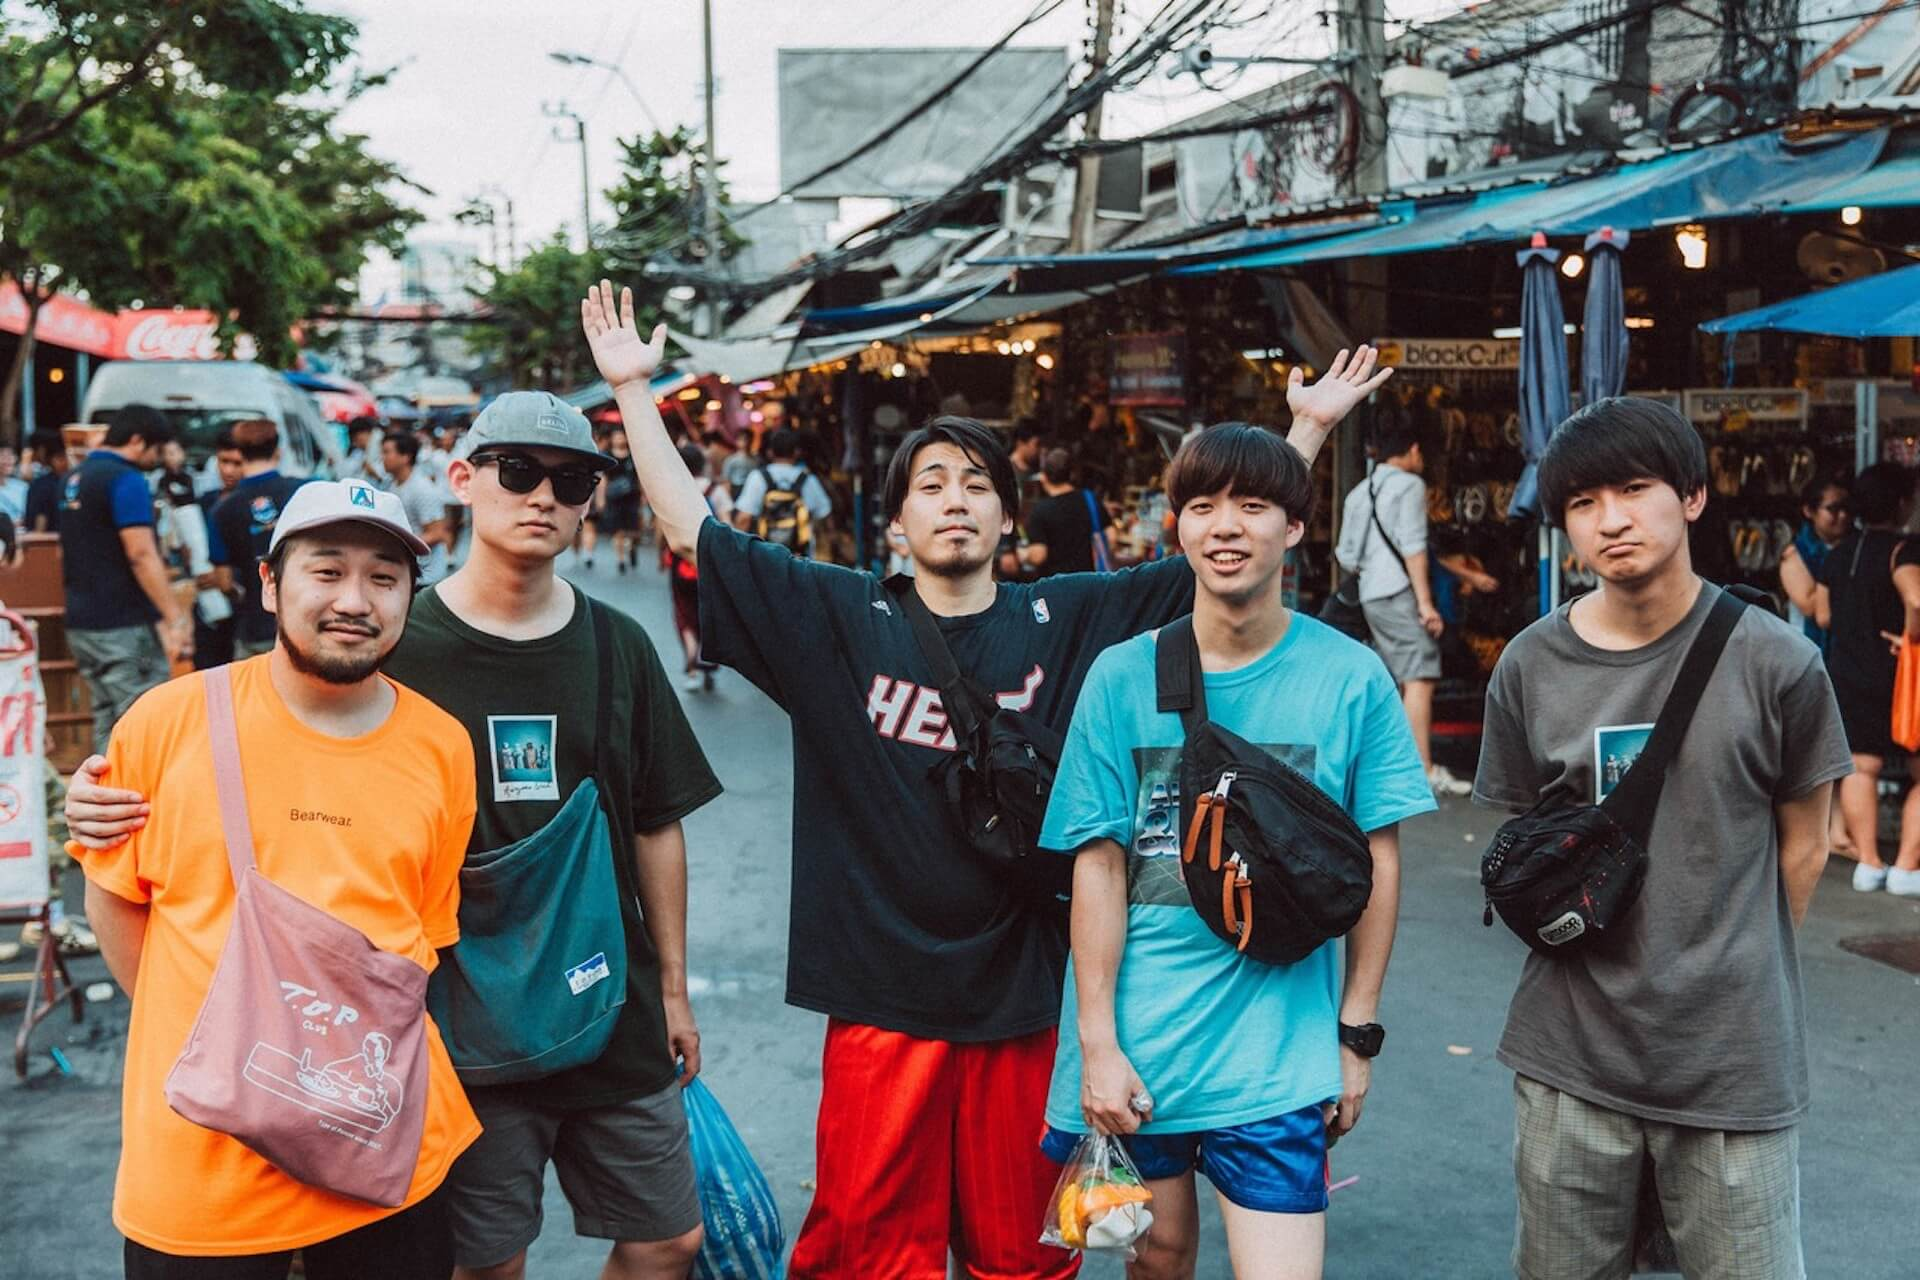 25人に訊く<FUJI ROCK FESTIVAL 2019>にいく理由 #17 Kazma Kobayashi(Bearwear) music190710-fujirock2019